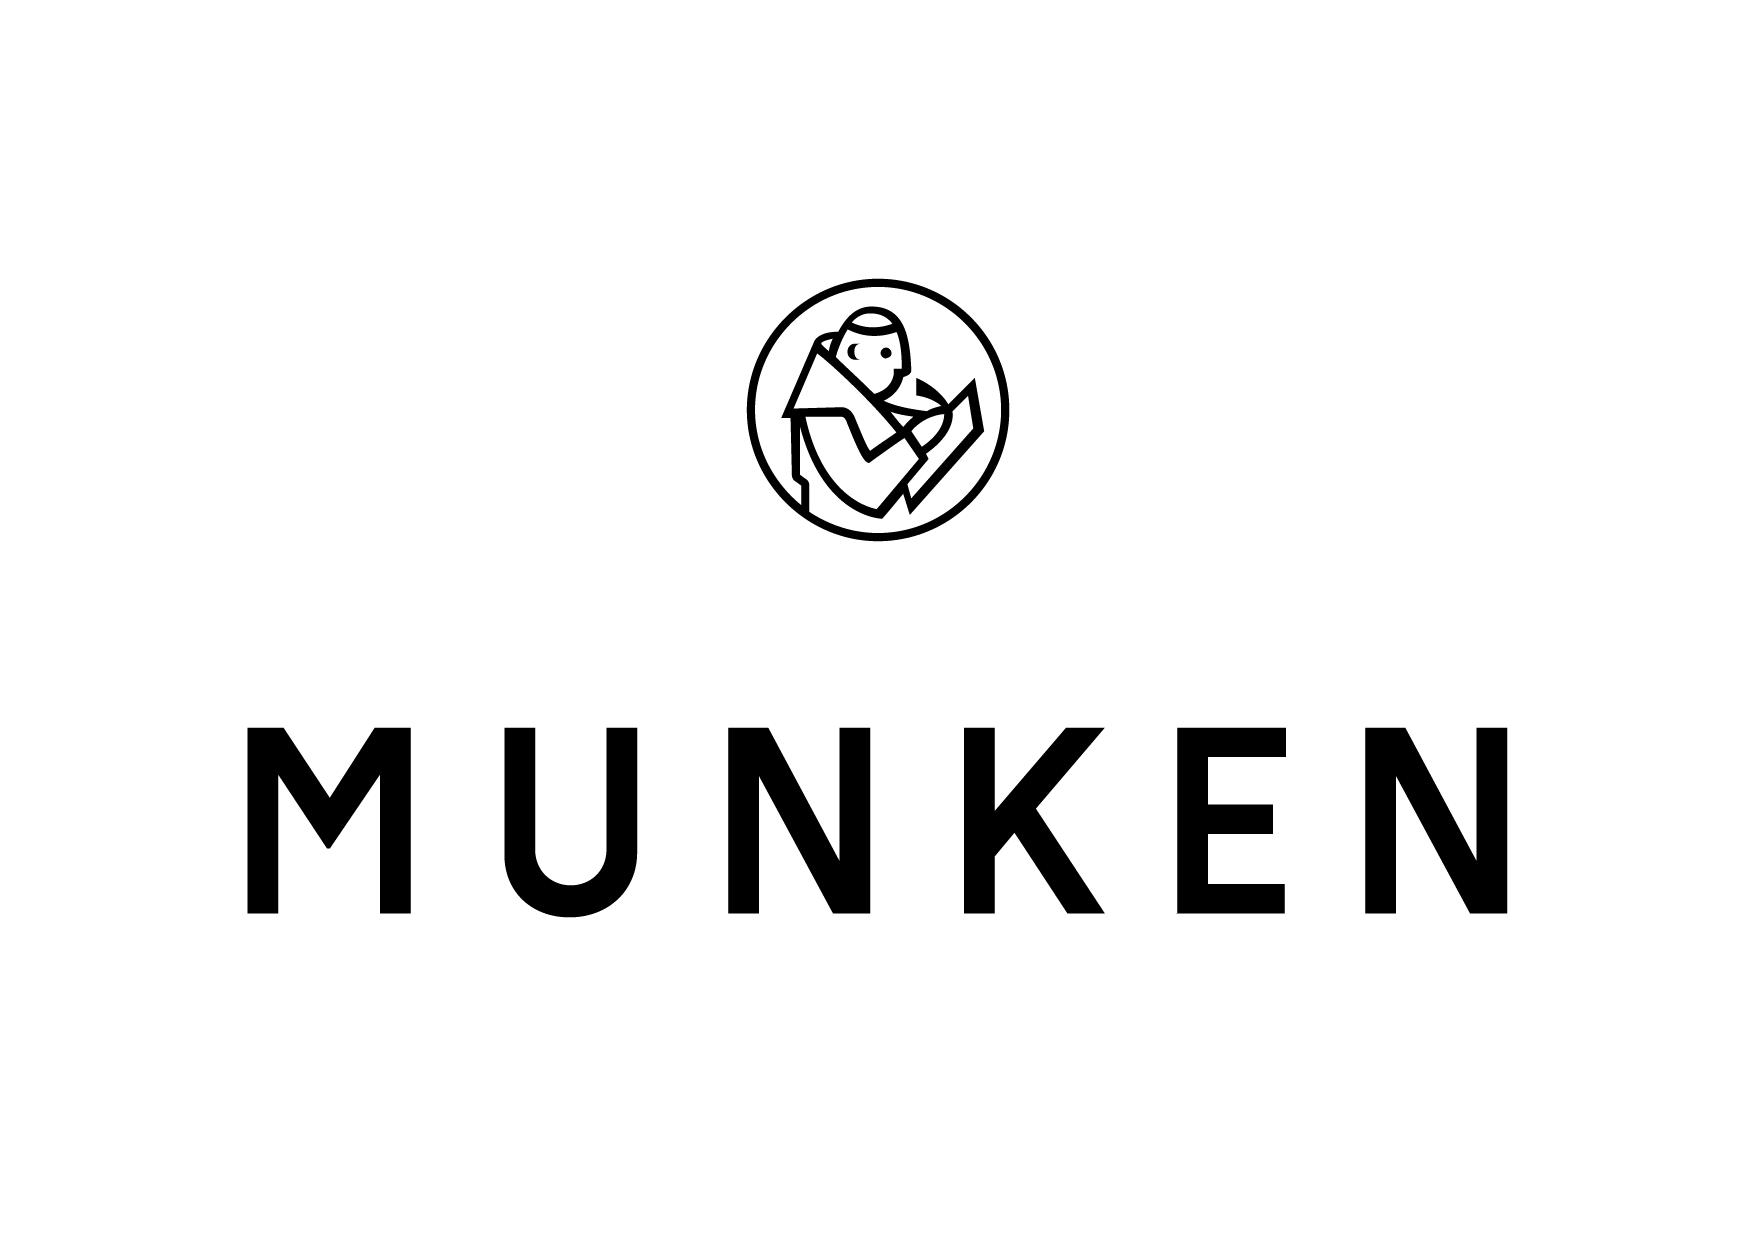 Munken logo_Rityta 1 kopia